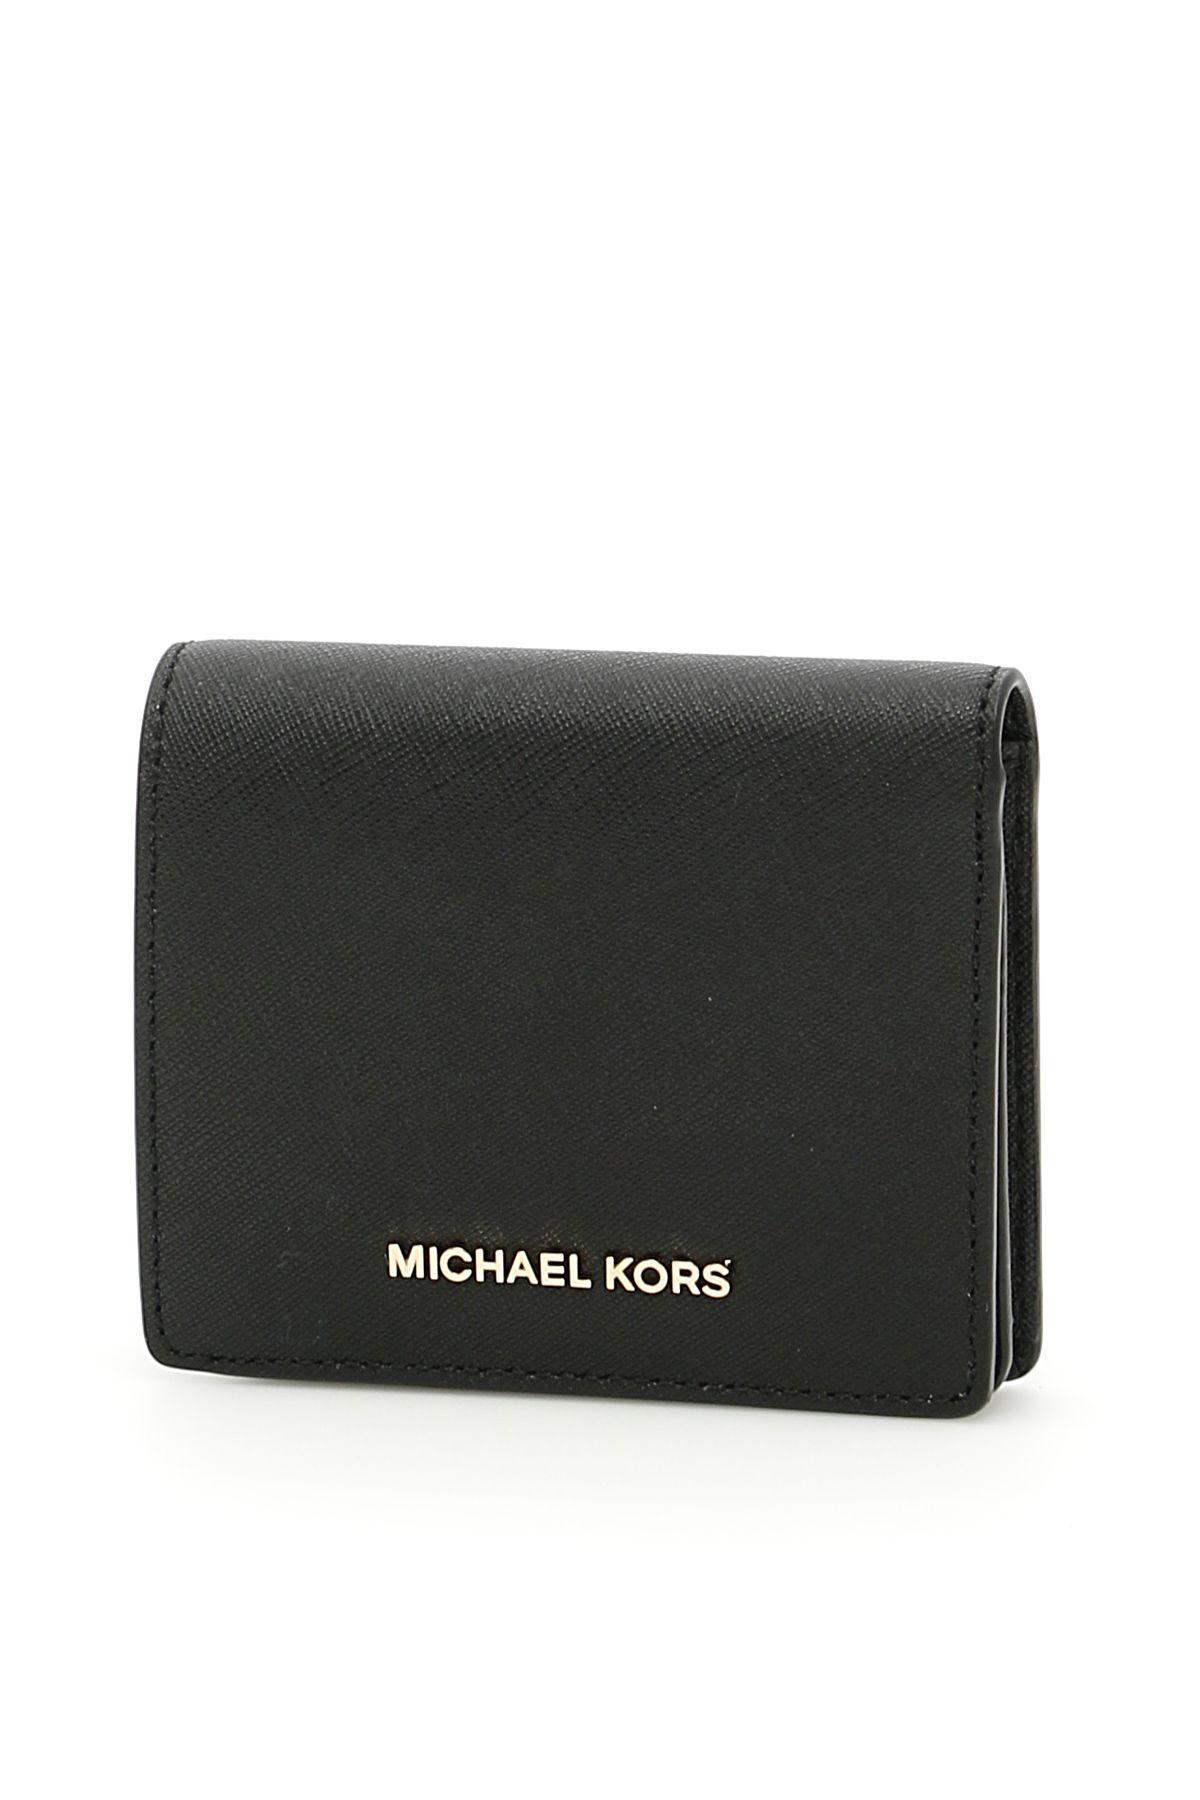 Michael Michael Kors Jet Set Travel Cardholder In Blacknero